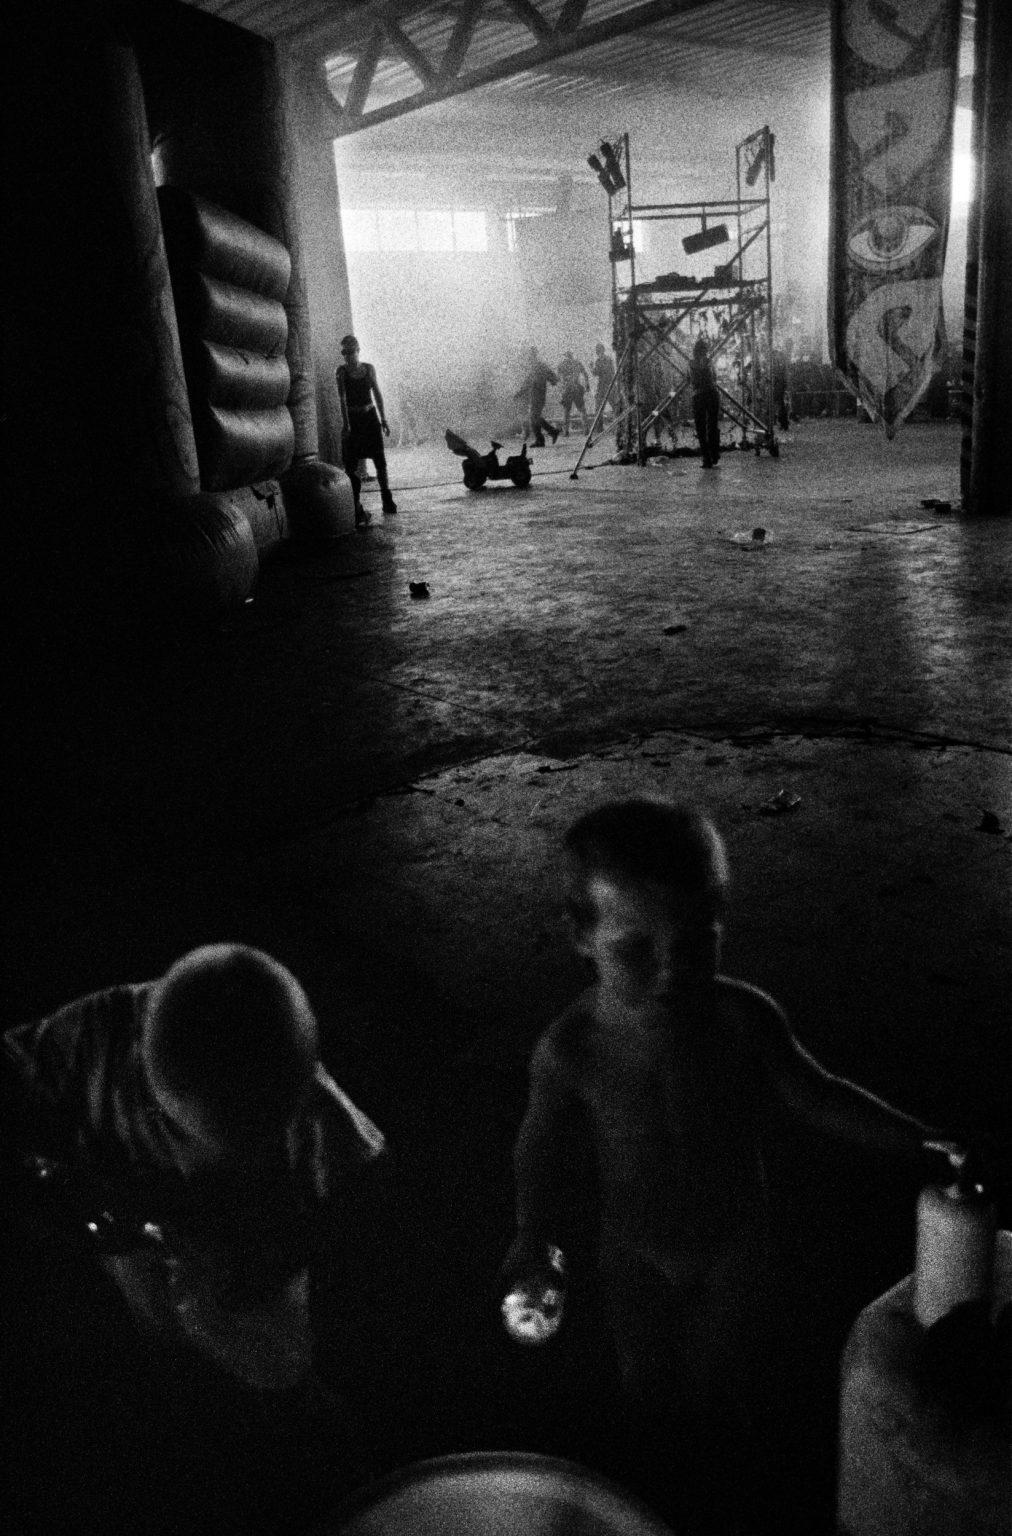 Bologna, 1997 - Summer rave party in an abandoned factory in Via Mazzini; in the outskirts of Bologna. This emilian city has always been on the foreground of the italian underground scene; since the punk invasion of the late 70s. Most of the deejays and travellers used to move around with their family. That's why in the first hours of the morning it was not unusual seeing little kids running around the party. >< Bologna, 1997 - Rave party estivo in una fabbrica abbandonata in Via Mazzini; nella periferia di Bologna. La città emiliana è sempre stata in primo piano nella scena underground italiana; dall'invasione punk della fine degli anni '70. La maggior parte dei deejay e dei viaggiatori si spostava con la famiglia. Ecco perché nelle prime ore del mattino non era insolito vedere bambini piccoli correre per la festa.